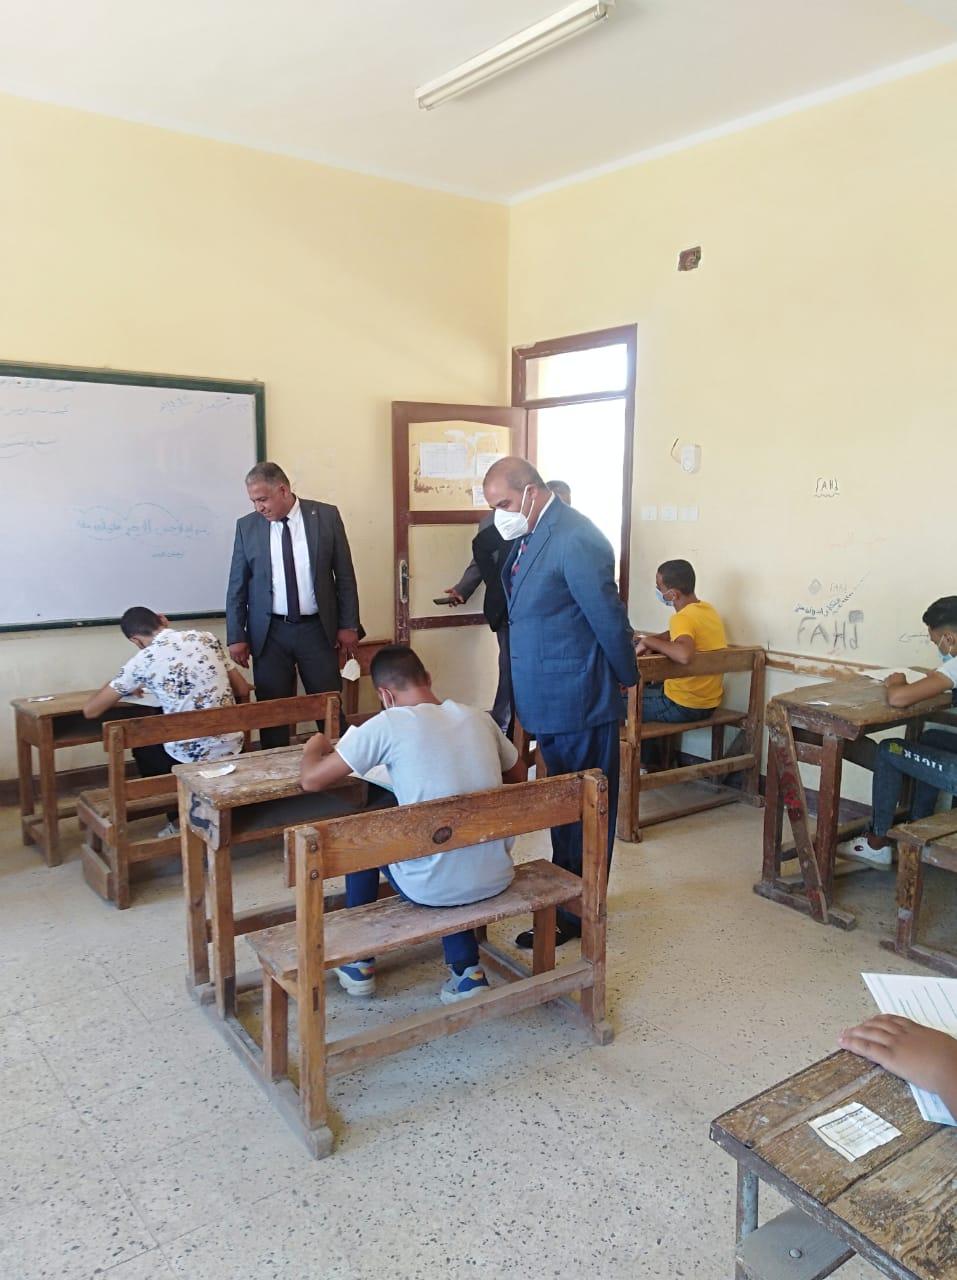 قيادات الأزهر تتفقد لجان امتحانات الشهادة الثانوية الأزهرية بمحافظة الفيوم